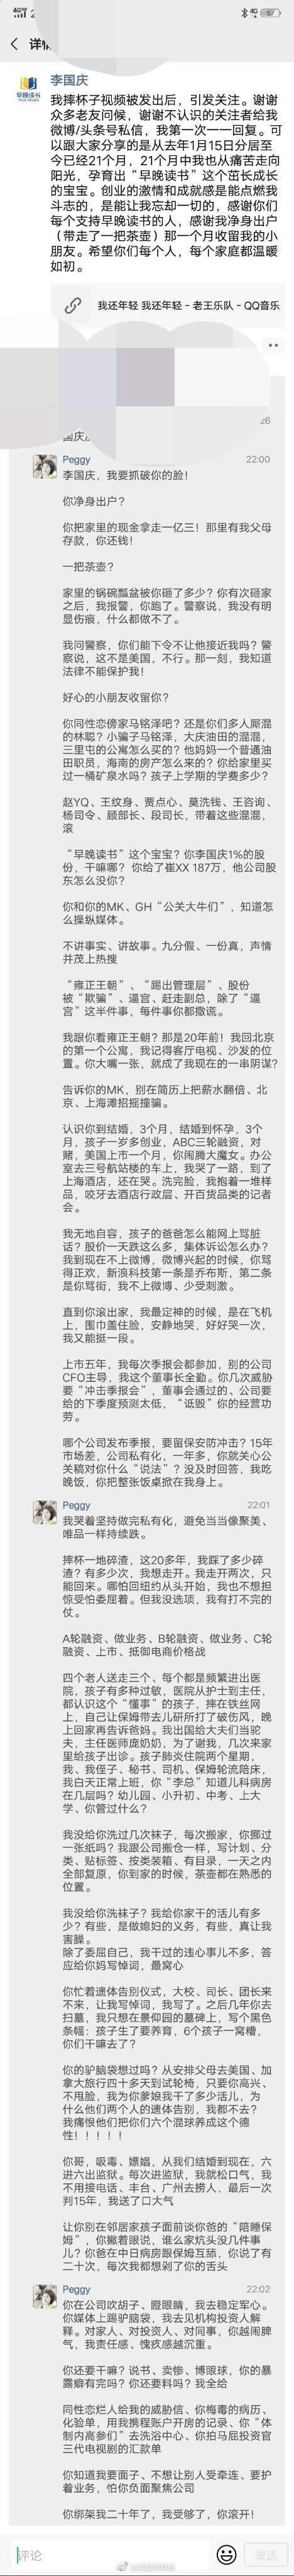 """李国庆深夜大爆料:7月底就起诉和俞渝离婚 要""""撕破脸对抗到底"""""""